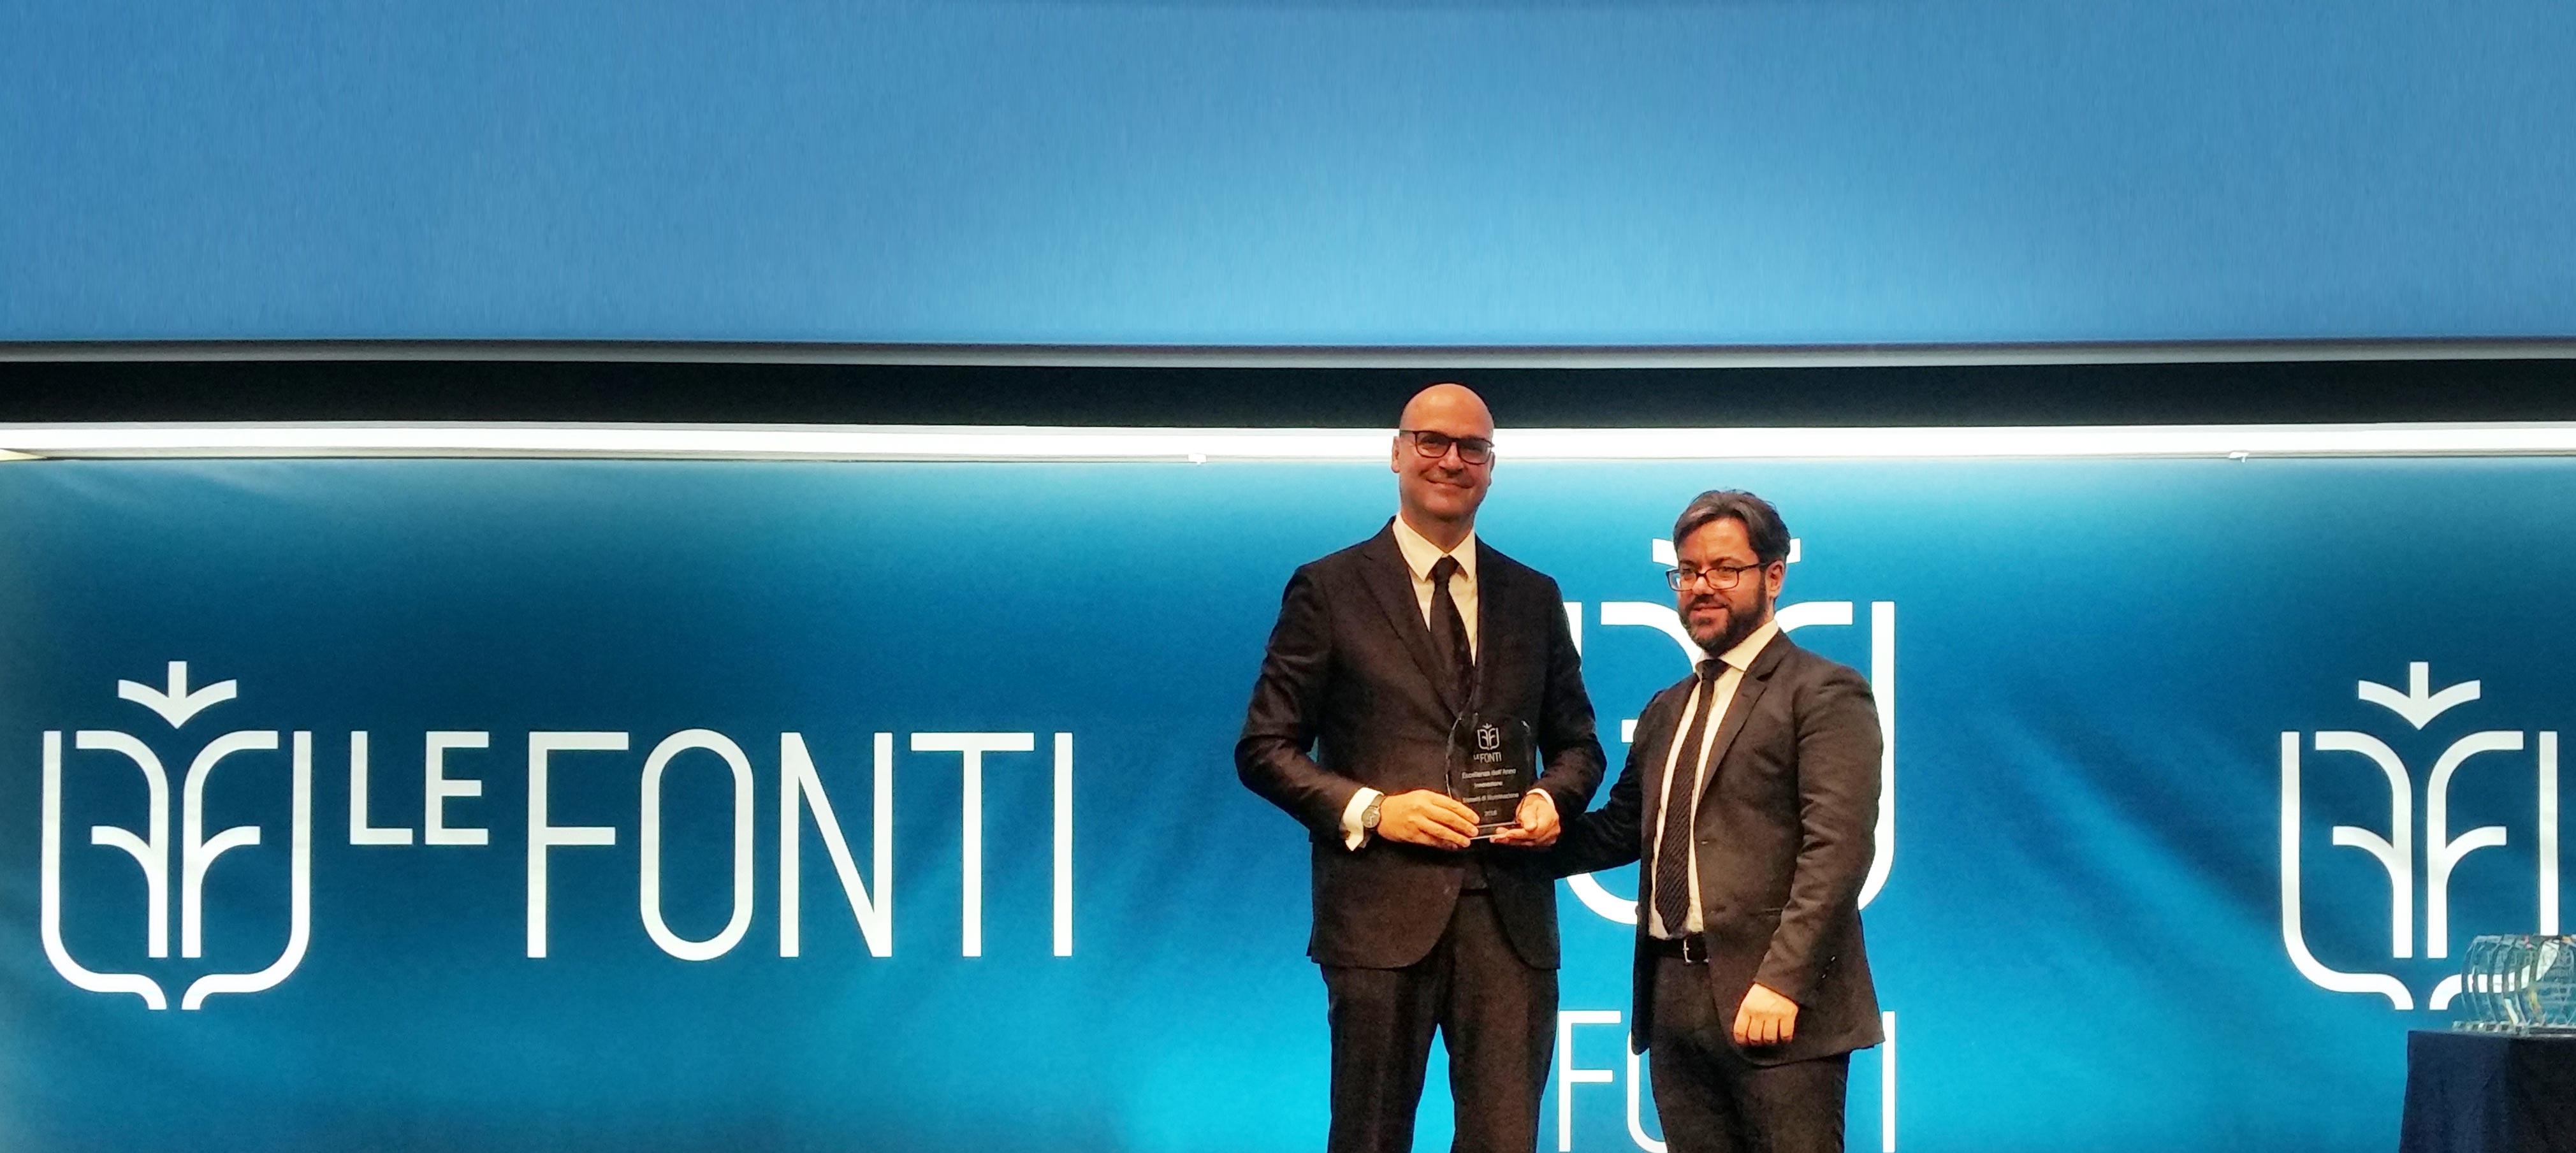 Amministratore delegato iGuzzini ritira premio